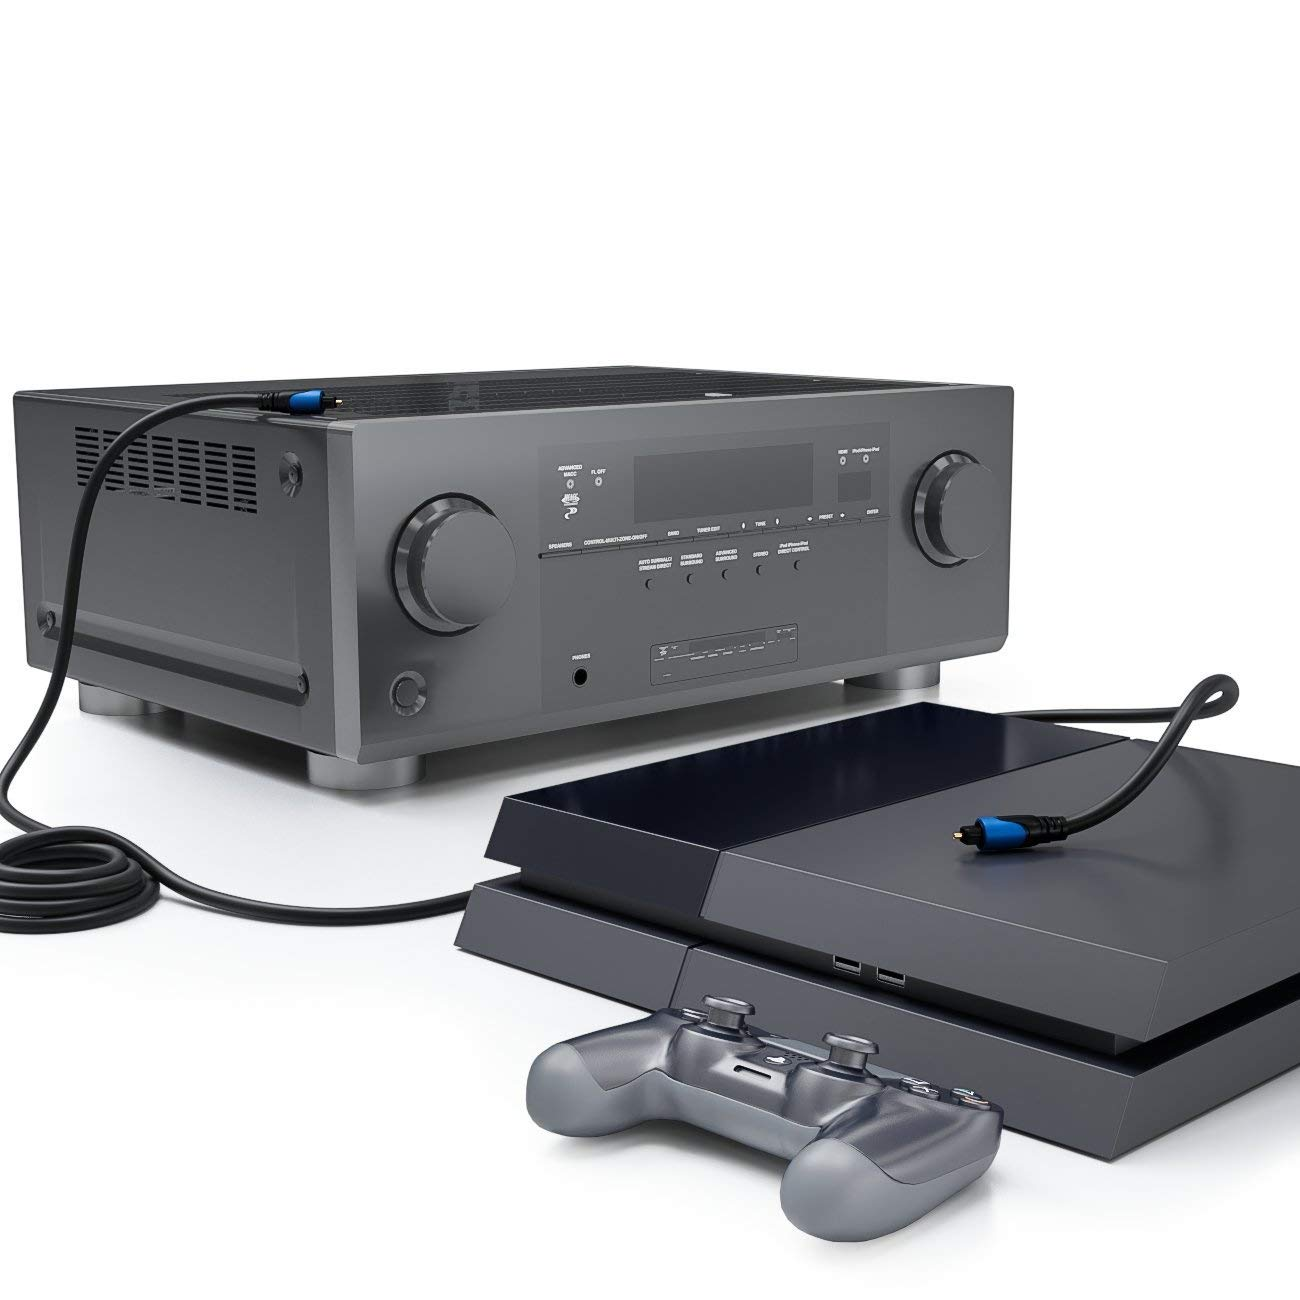 deleyCON MK40 C/âble Audio Digital Optique SPDIF 2x Prises Toslink C/âble Fibre Optique 5m Noir